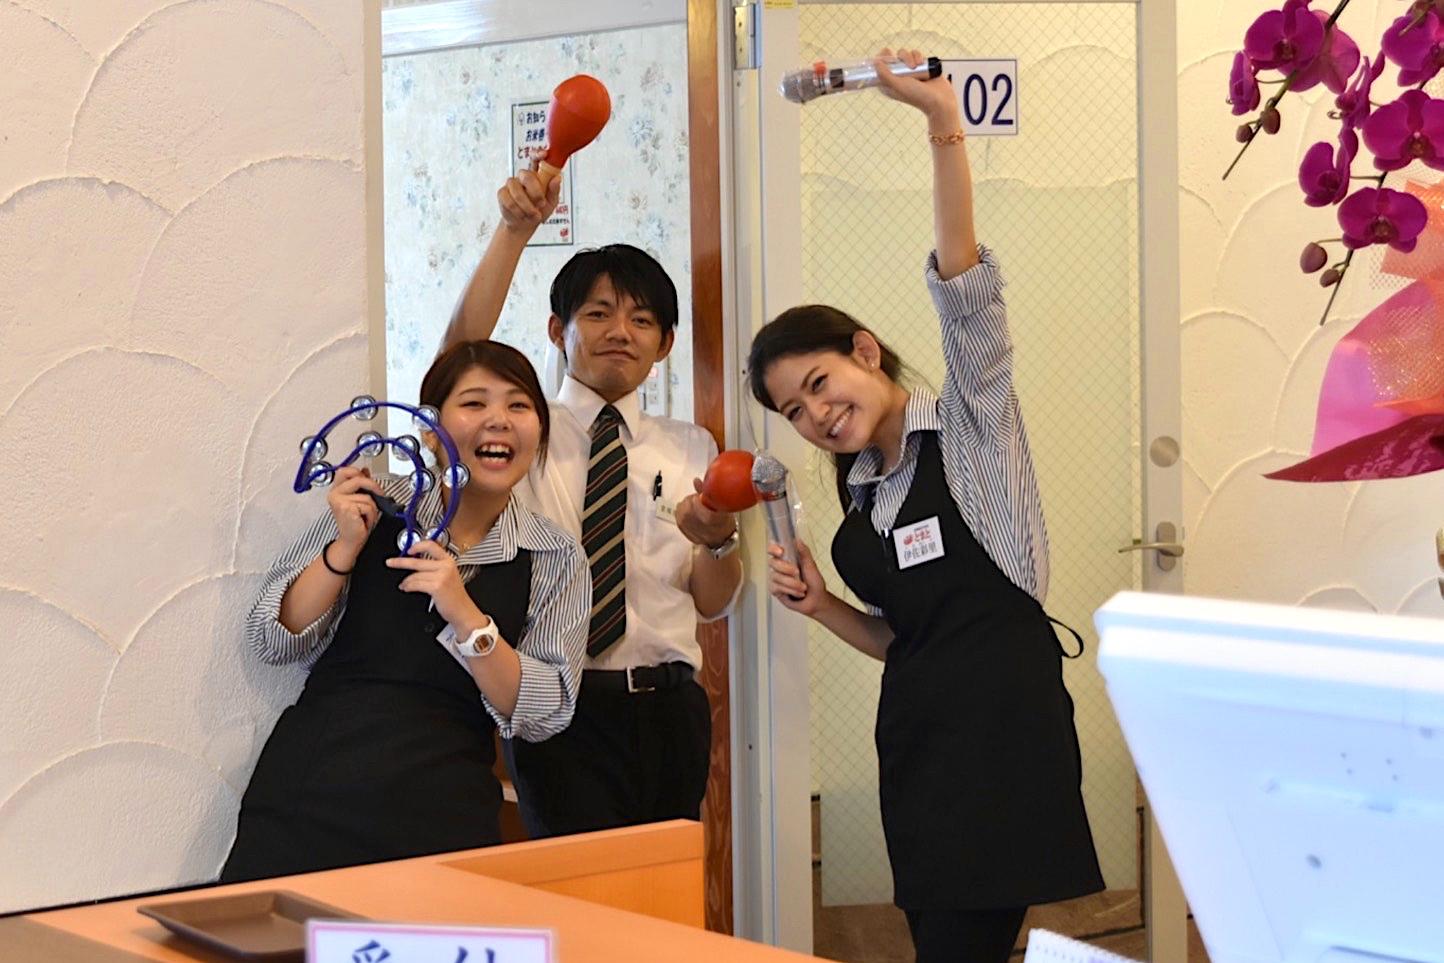 http://ktomato.wp.xdomain.jp/wp-content/uploads/2017/07/S__3096599_Fotor.jpg